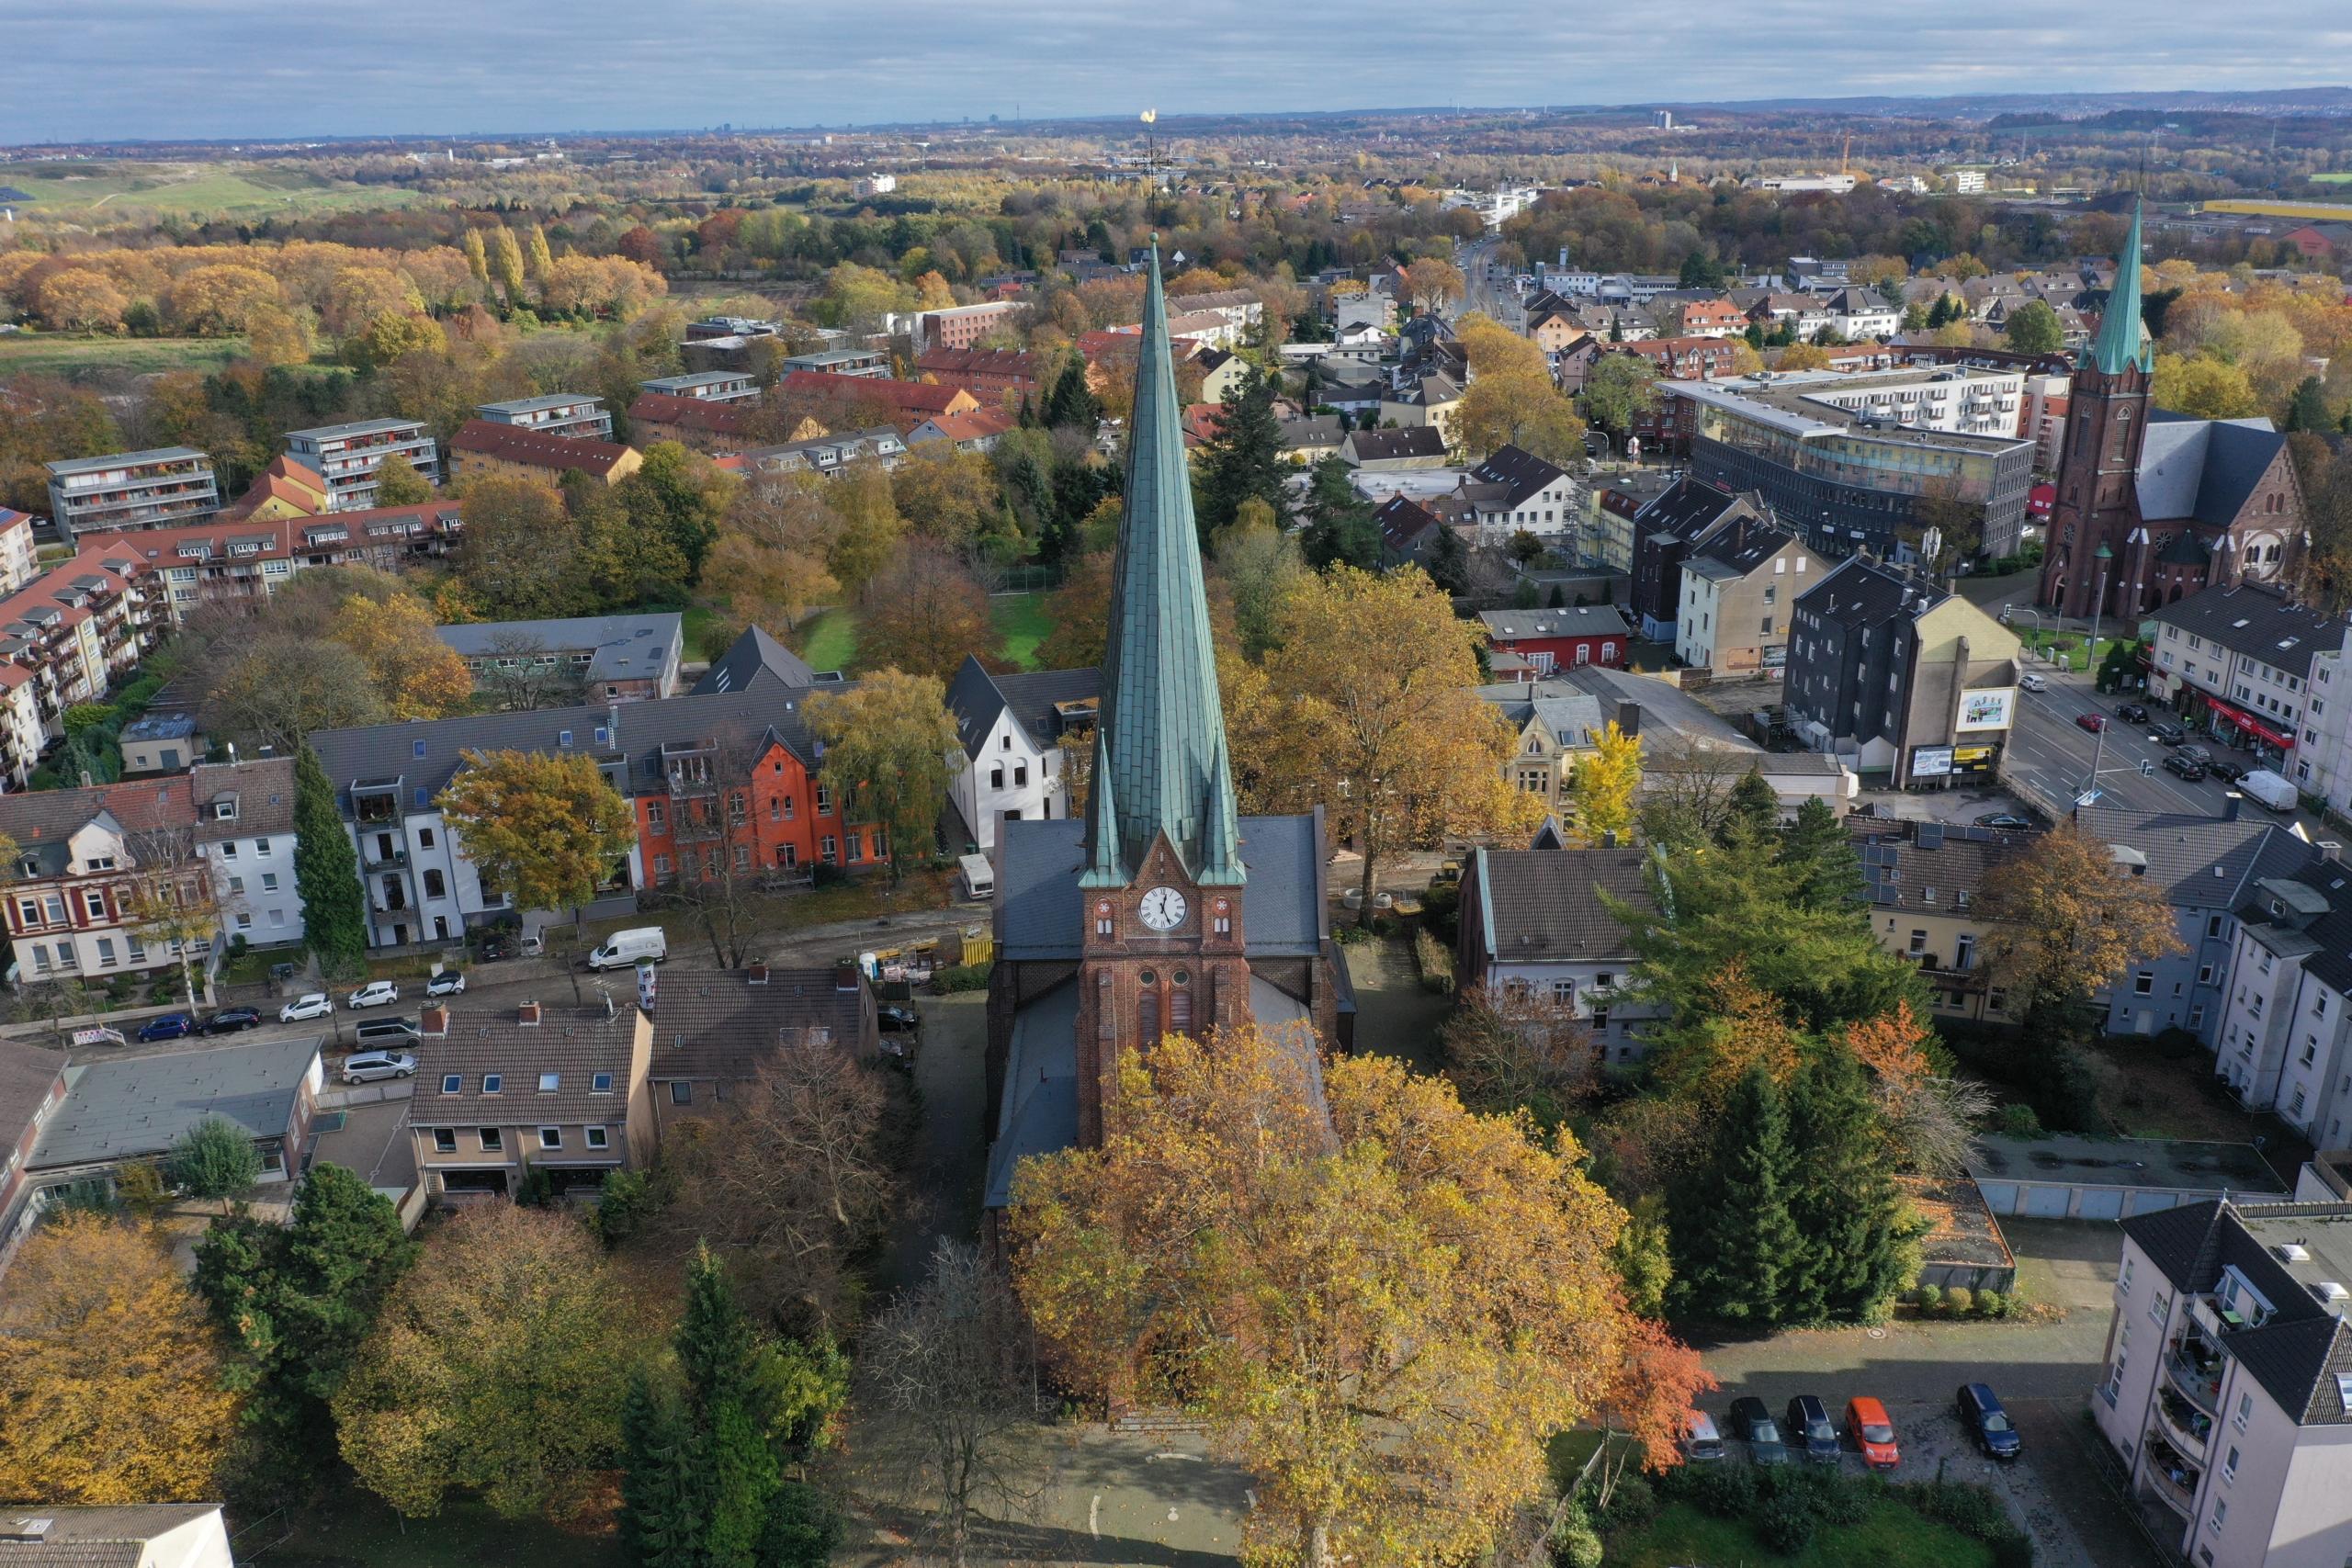 Luftbildaufnahme der Liebfrauenkirche in Altenbochum